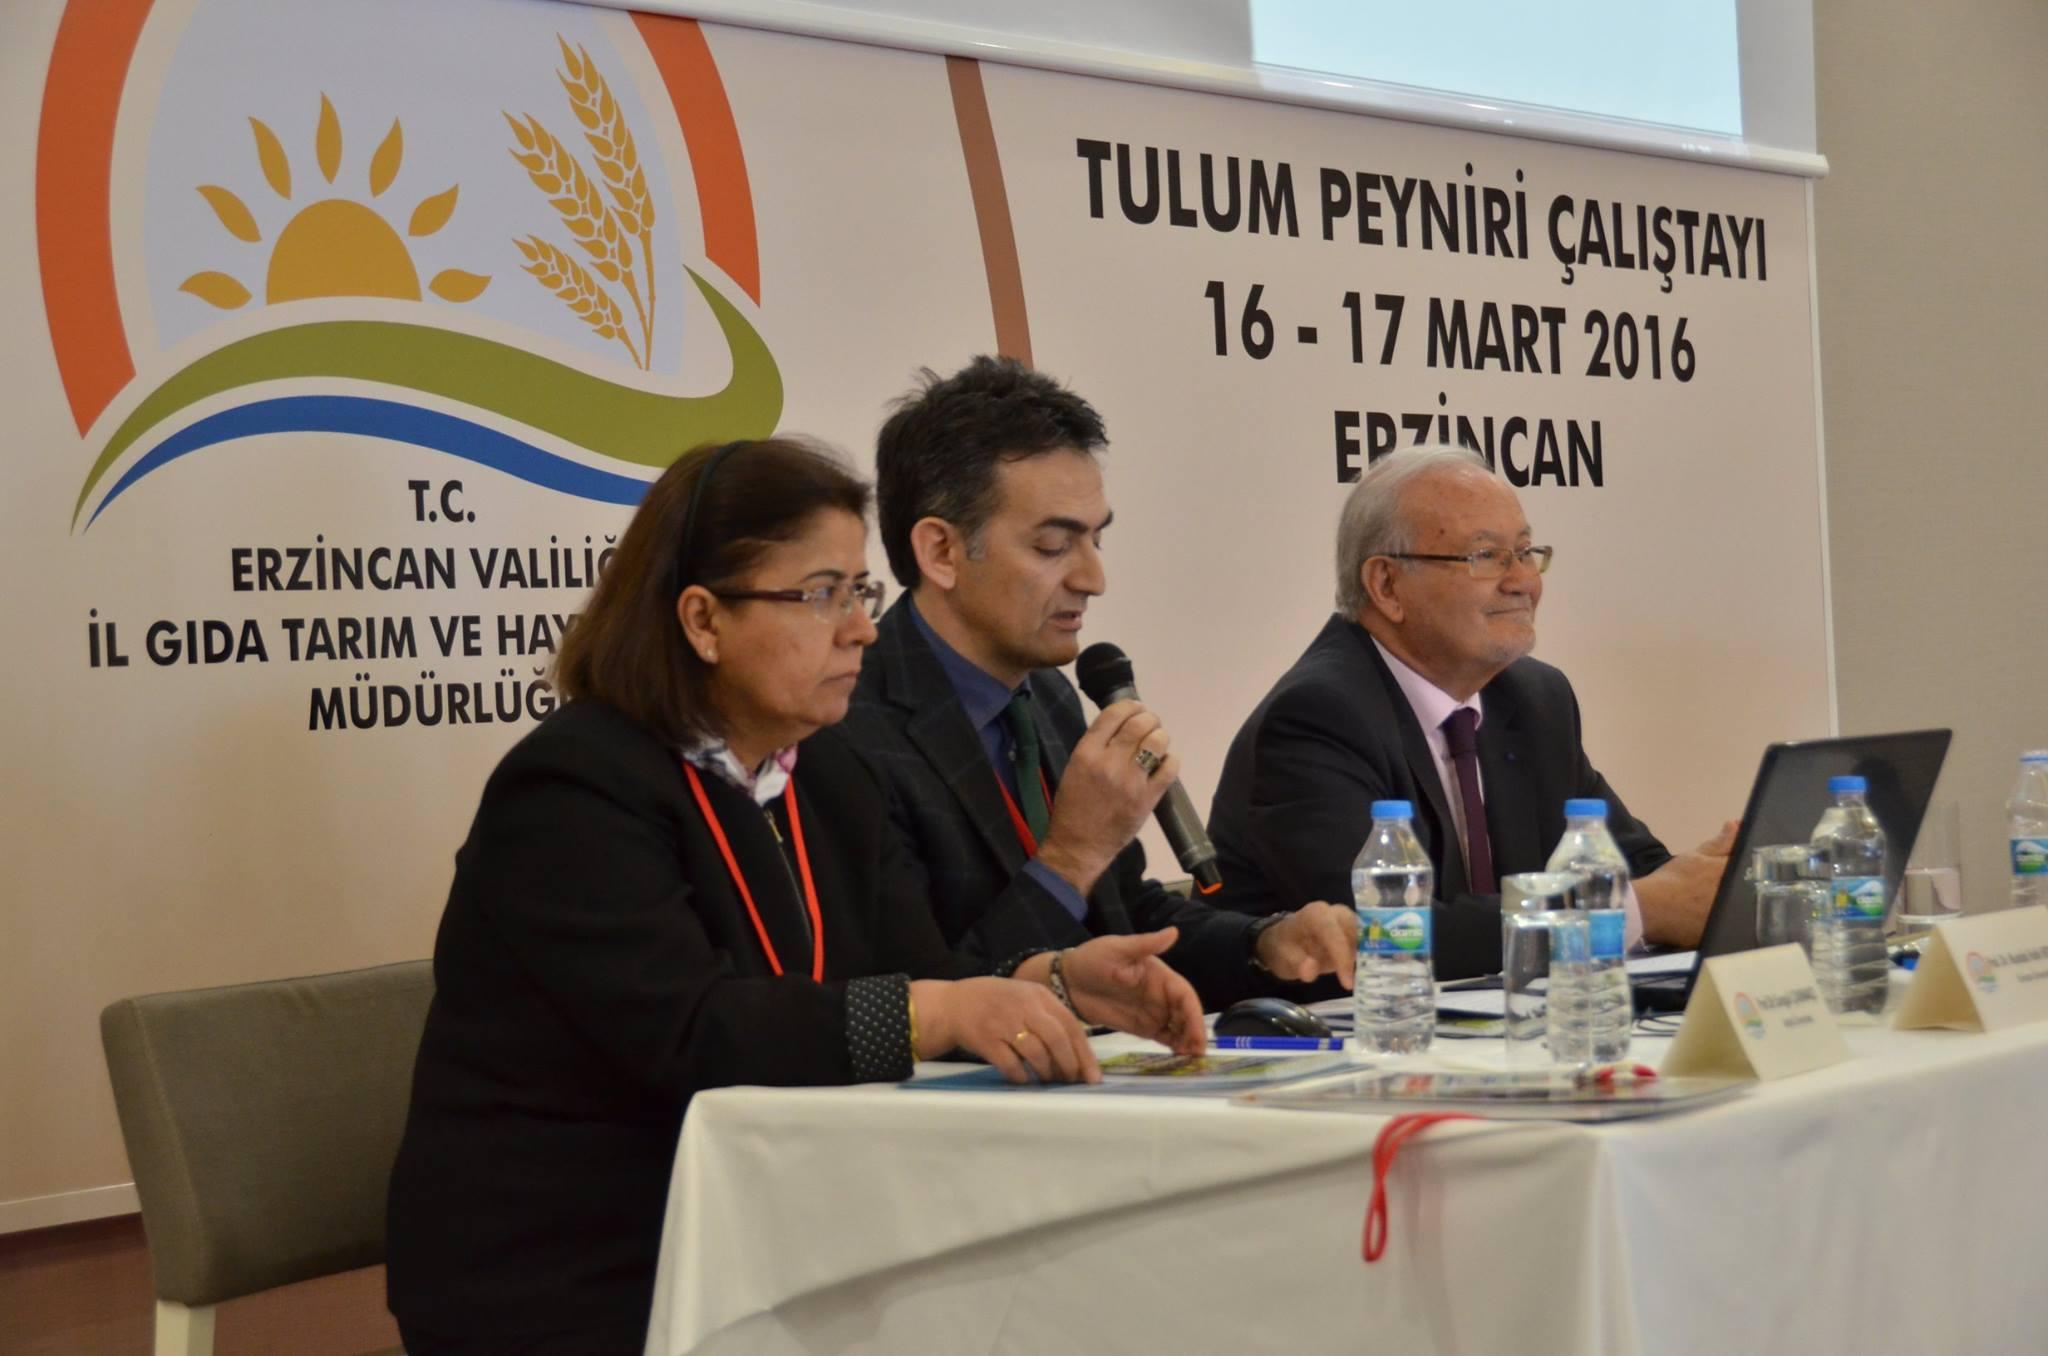 Photo of Erzincan Tulum Peyniri Çalıştayına Ev Sahipliği Yapıyor